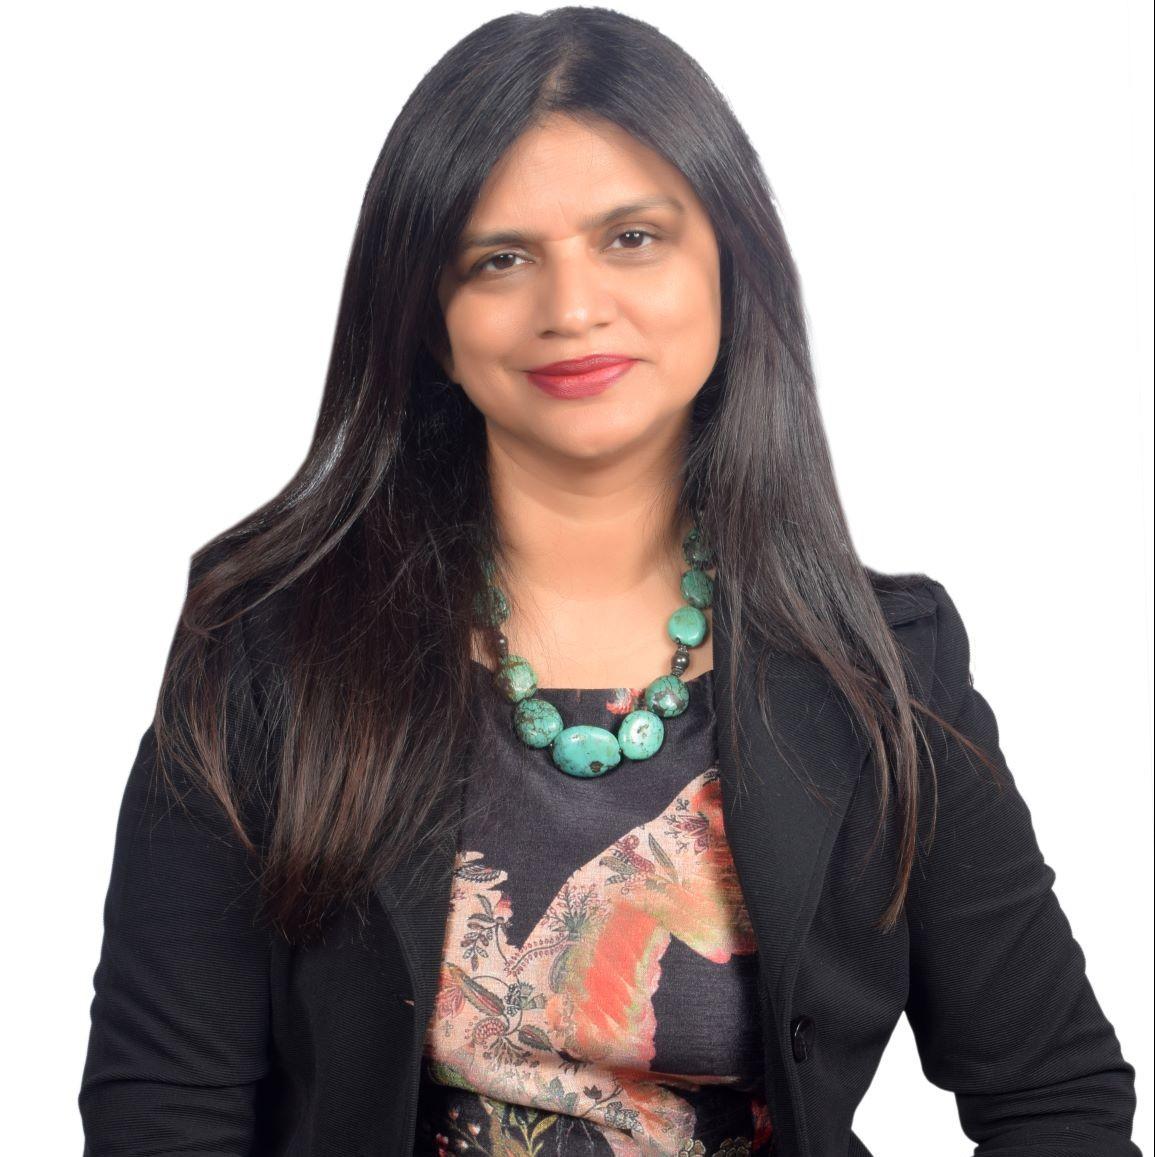 photo of Ravina Aggarwal